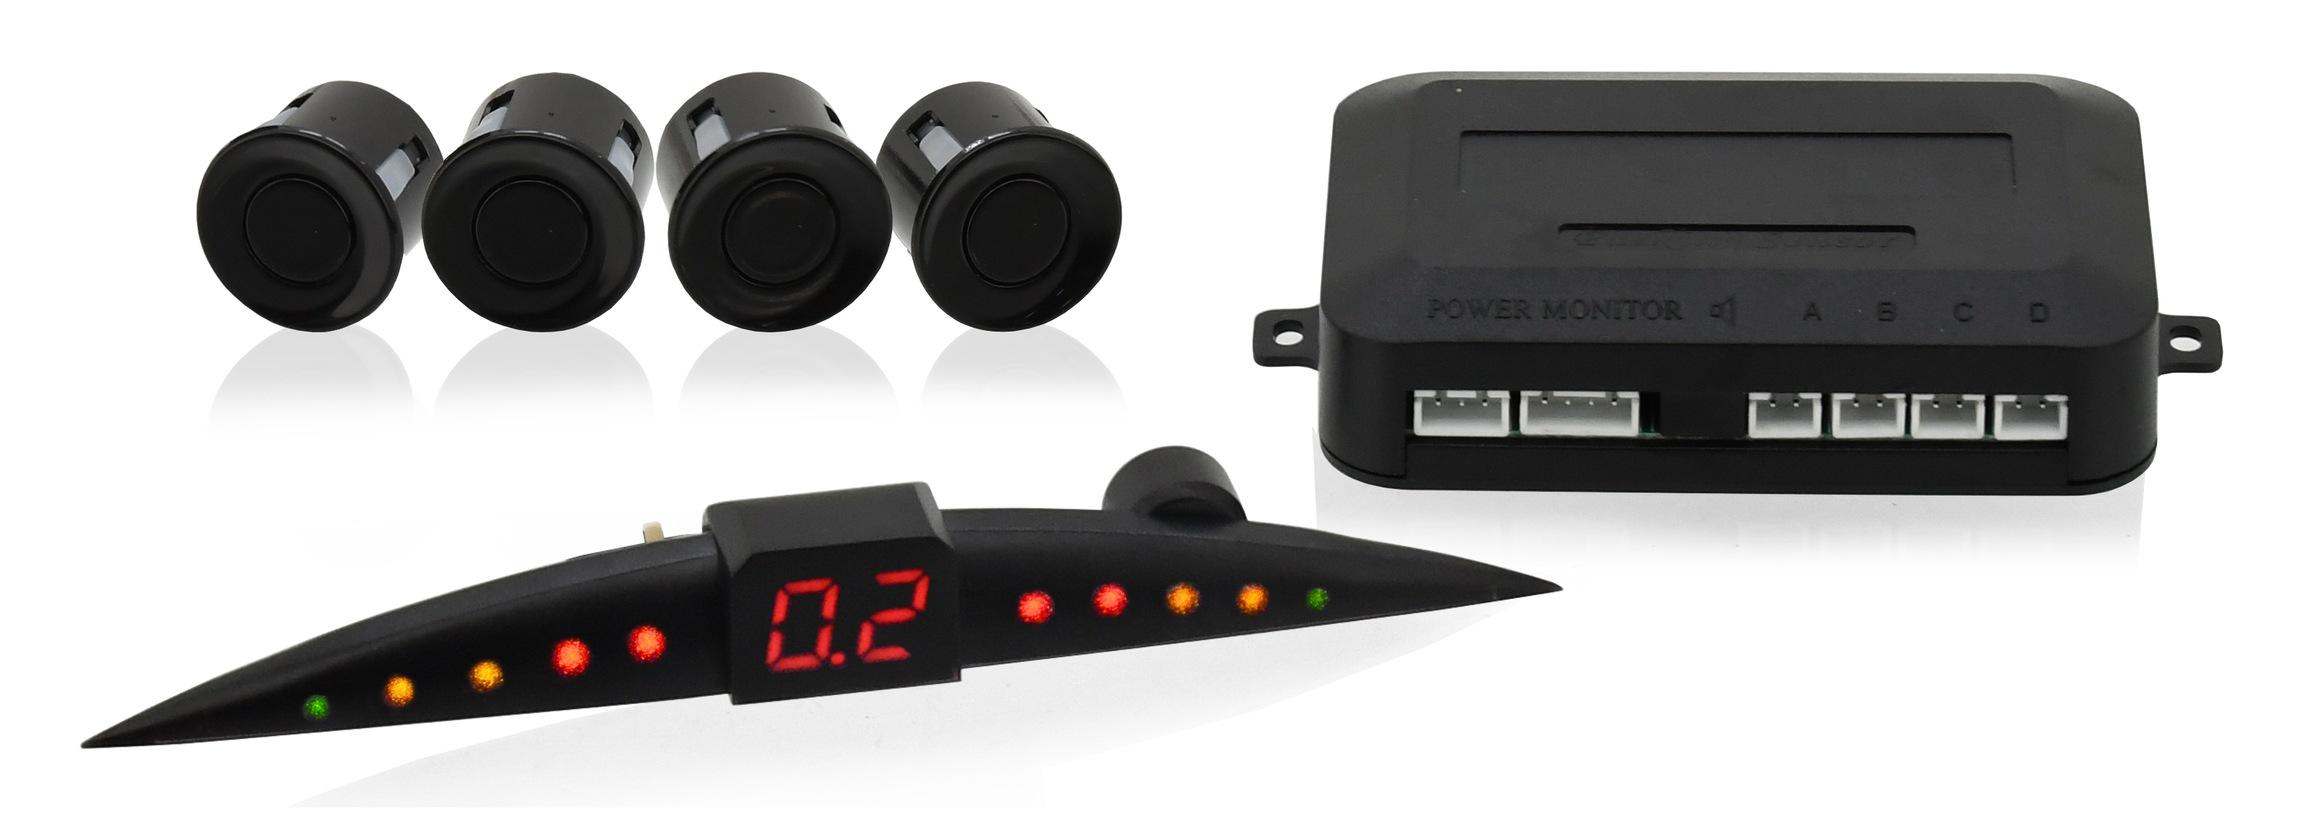 Compass 33602 Parkovací asistent 4 senzory, LED display